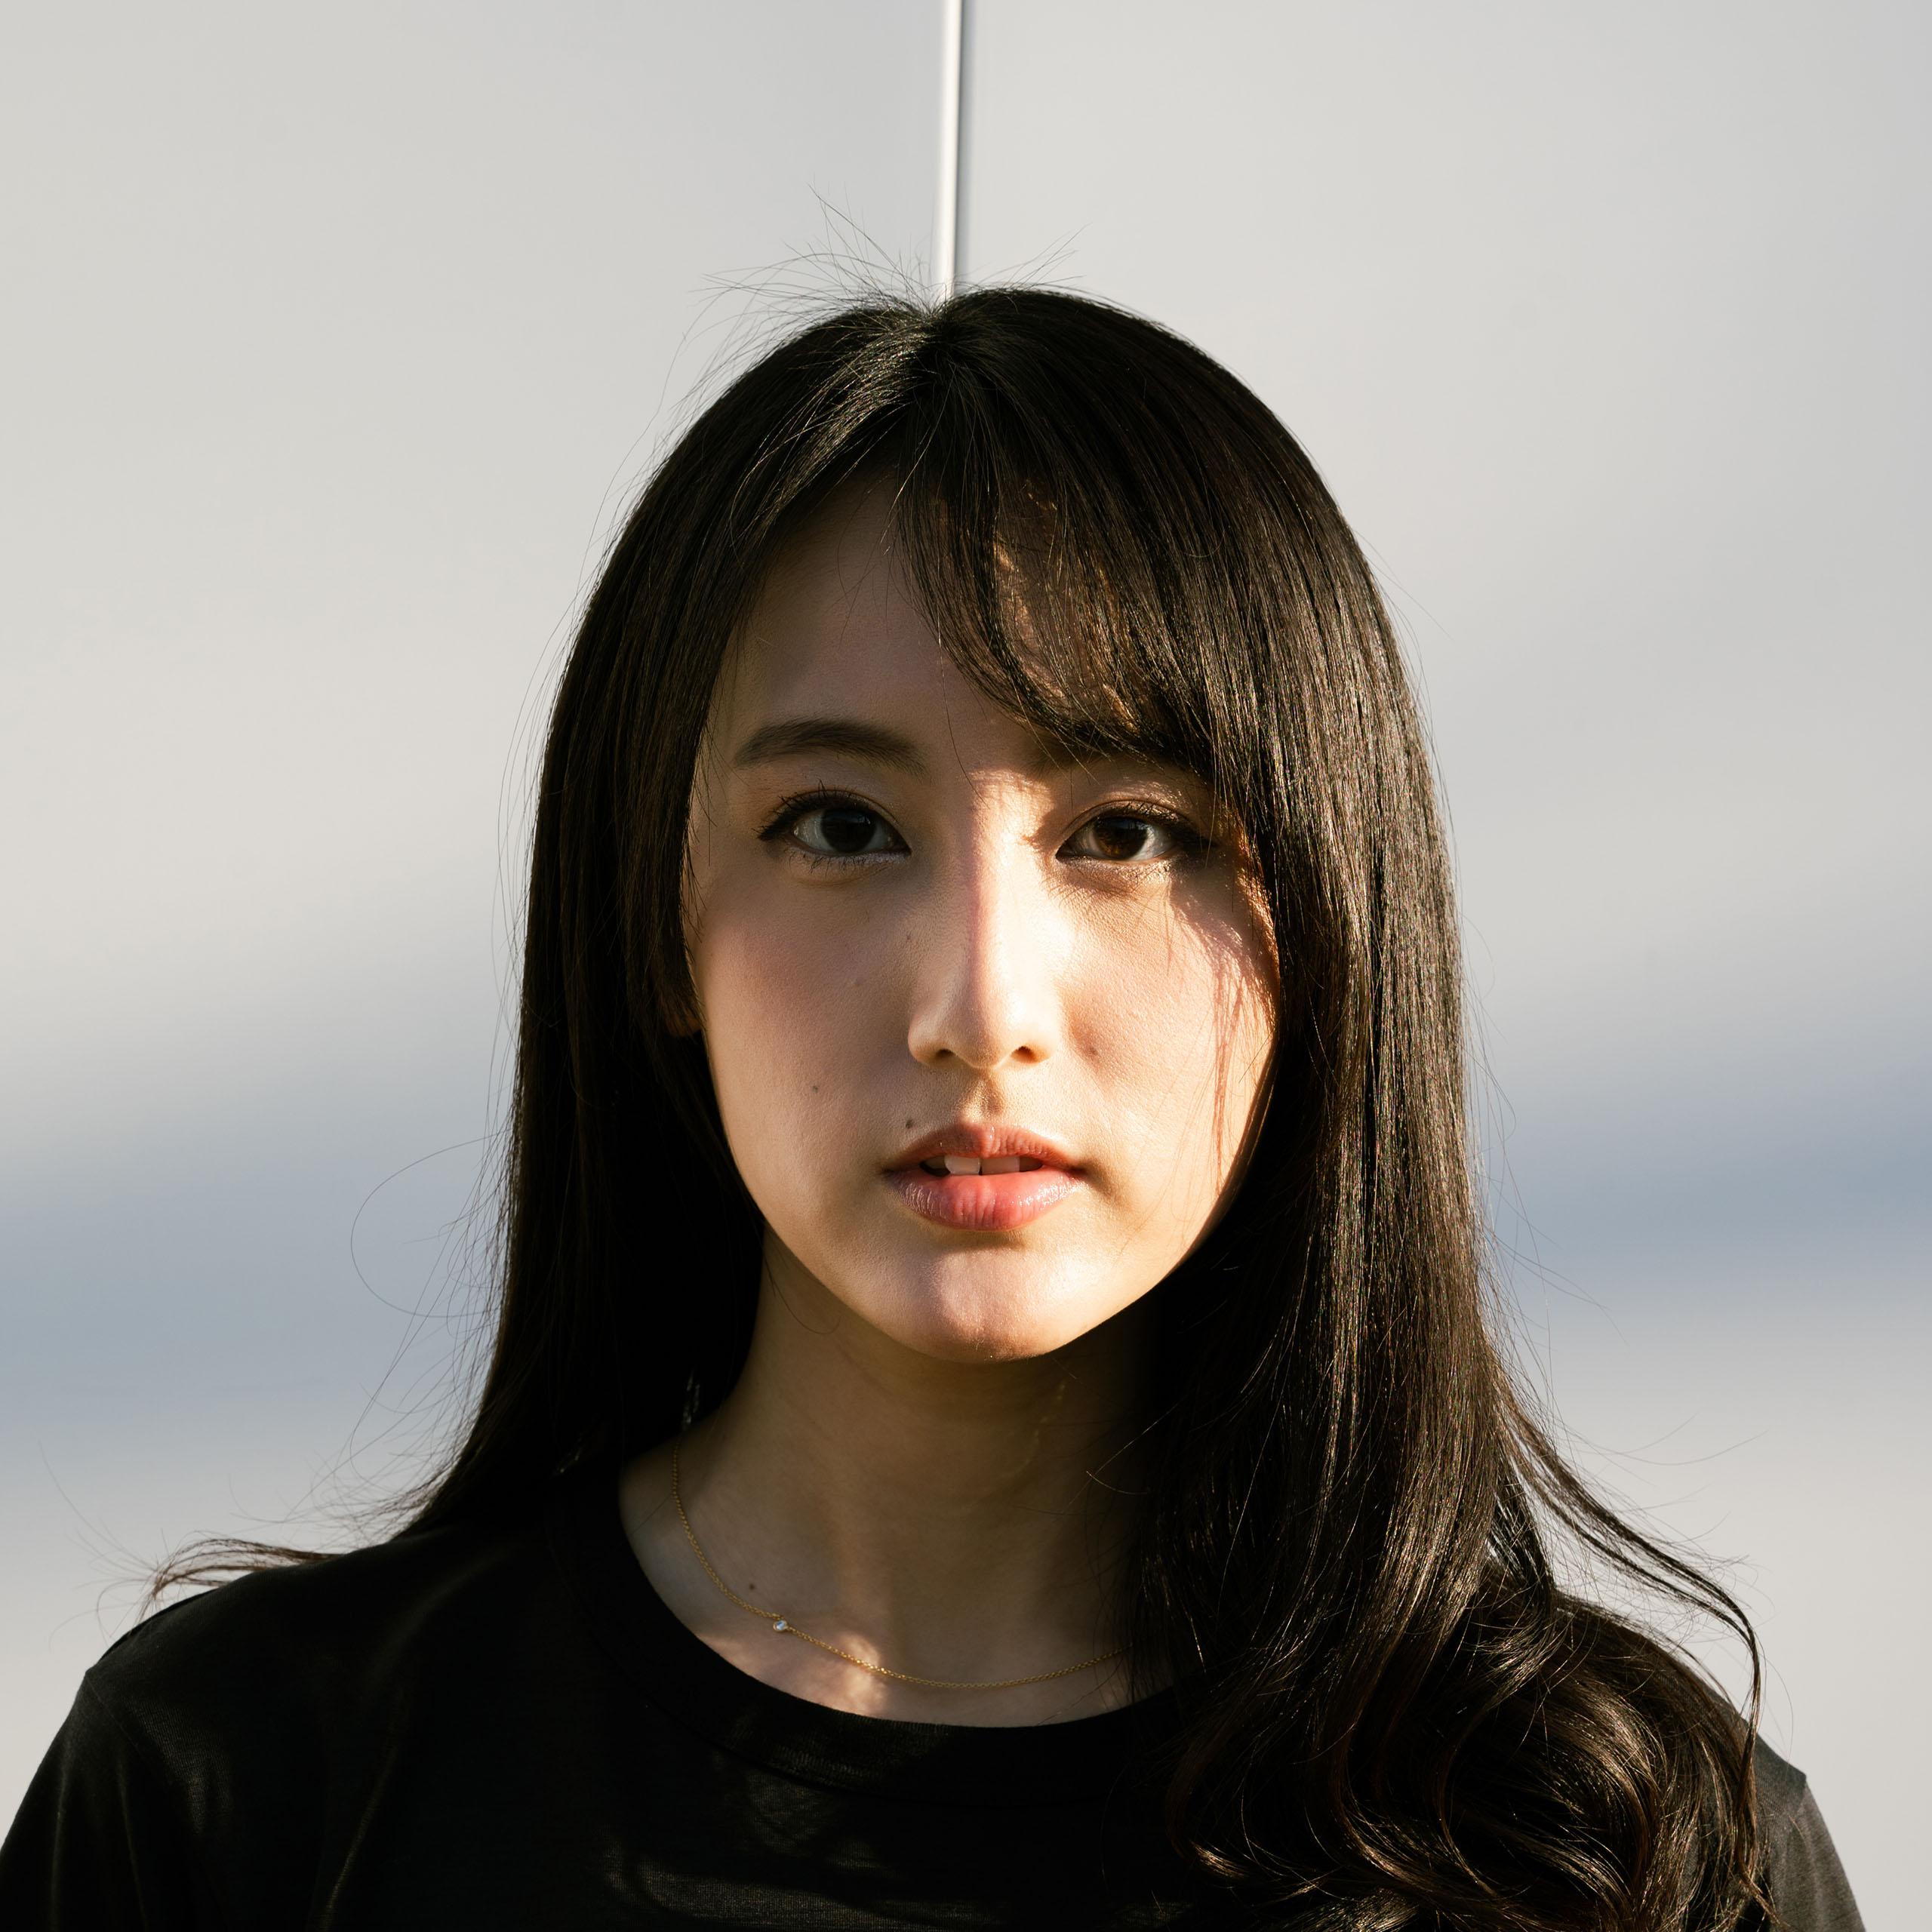 ランニングを通した出会いで 今の自分はある<br>MIZUKI KATSUMATA